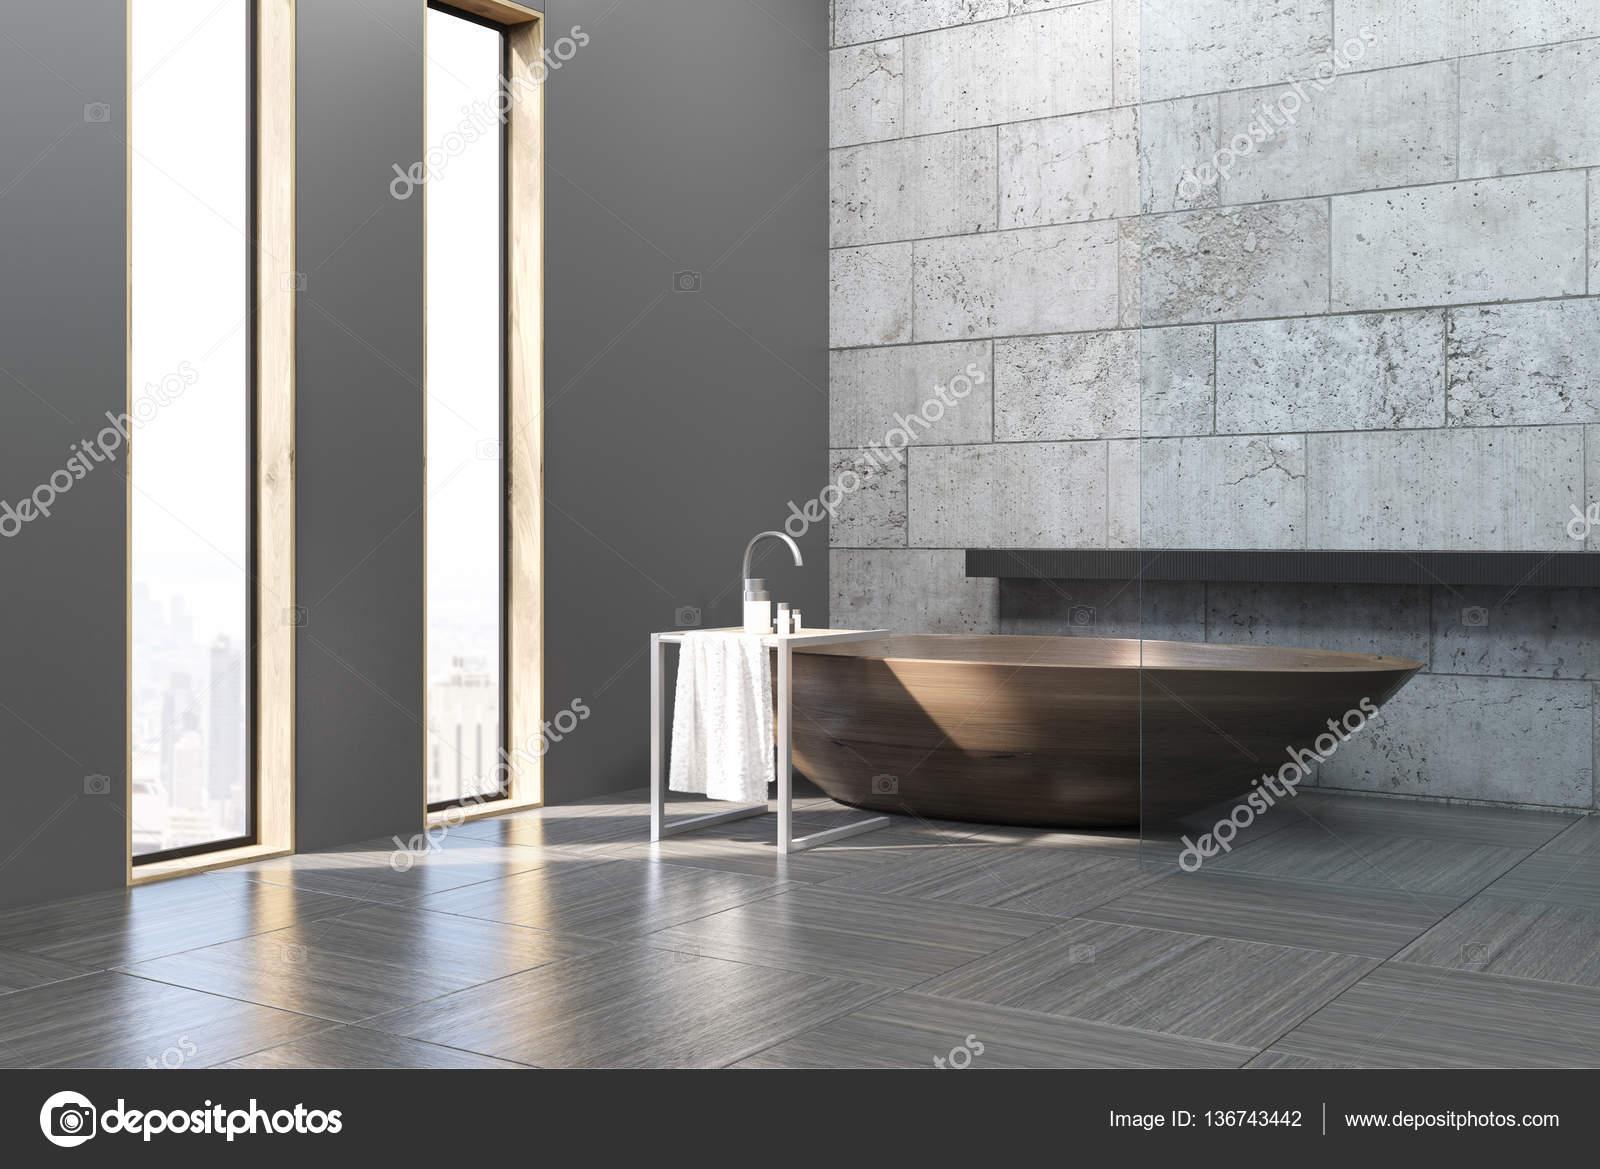 Betonnen Badkamer Muur : Kant bekijken van oude badkamer met betonnen muren u stockfoto